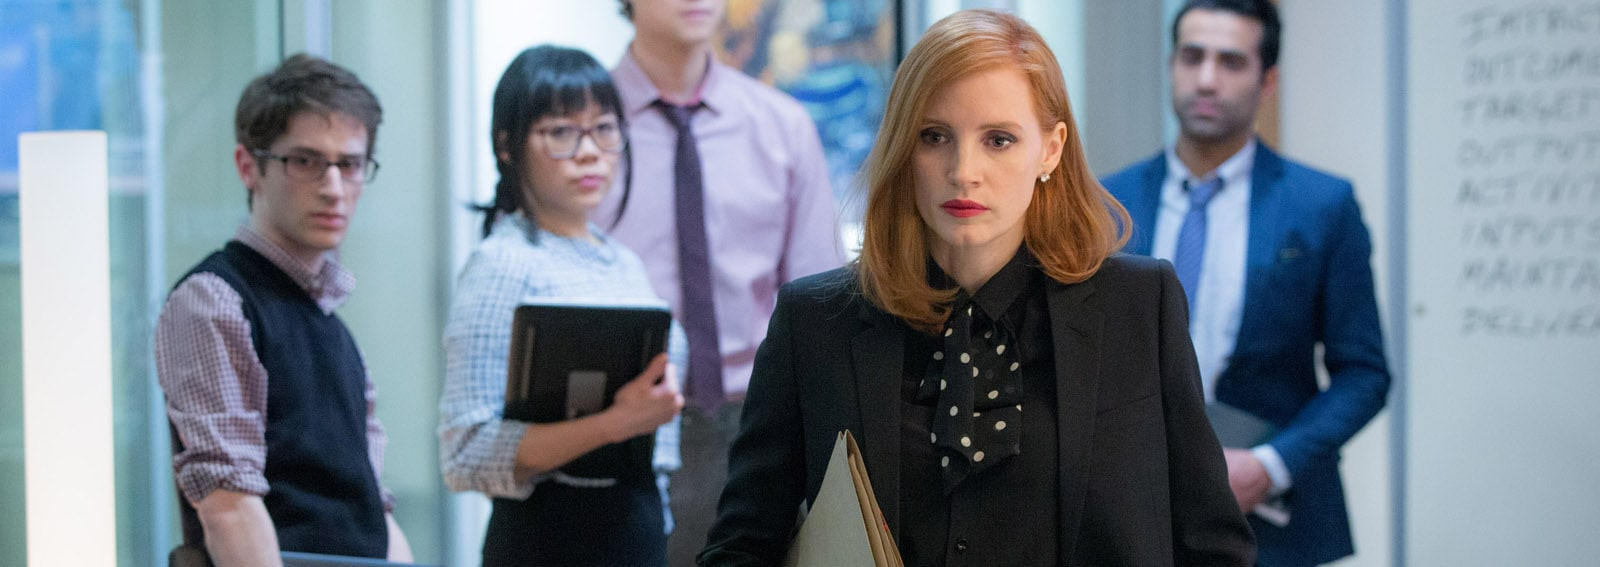 Miss Sloane Desktop